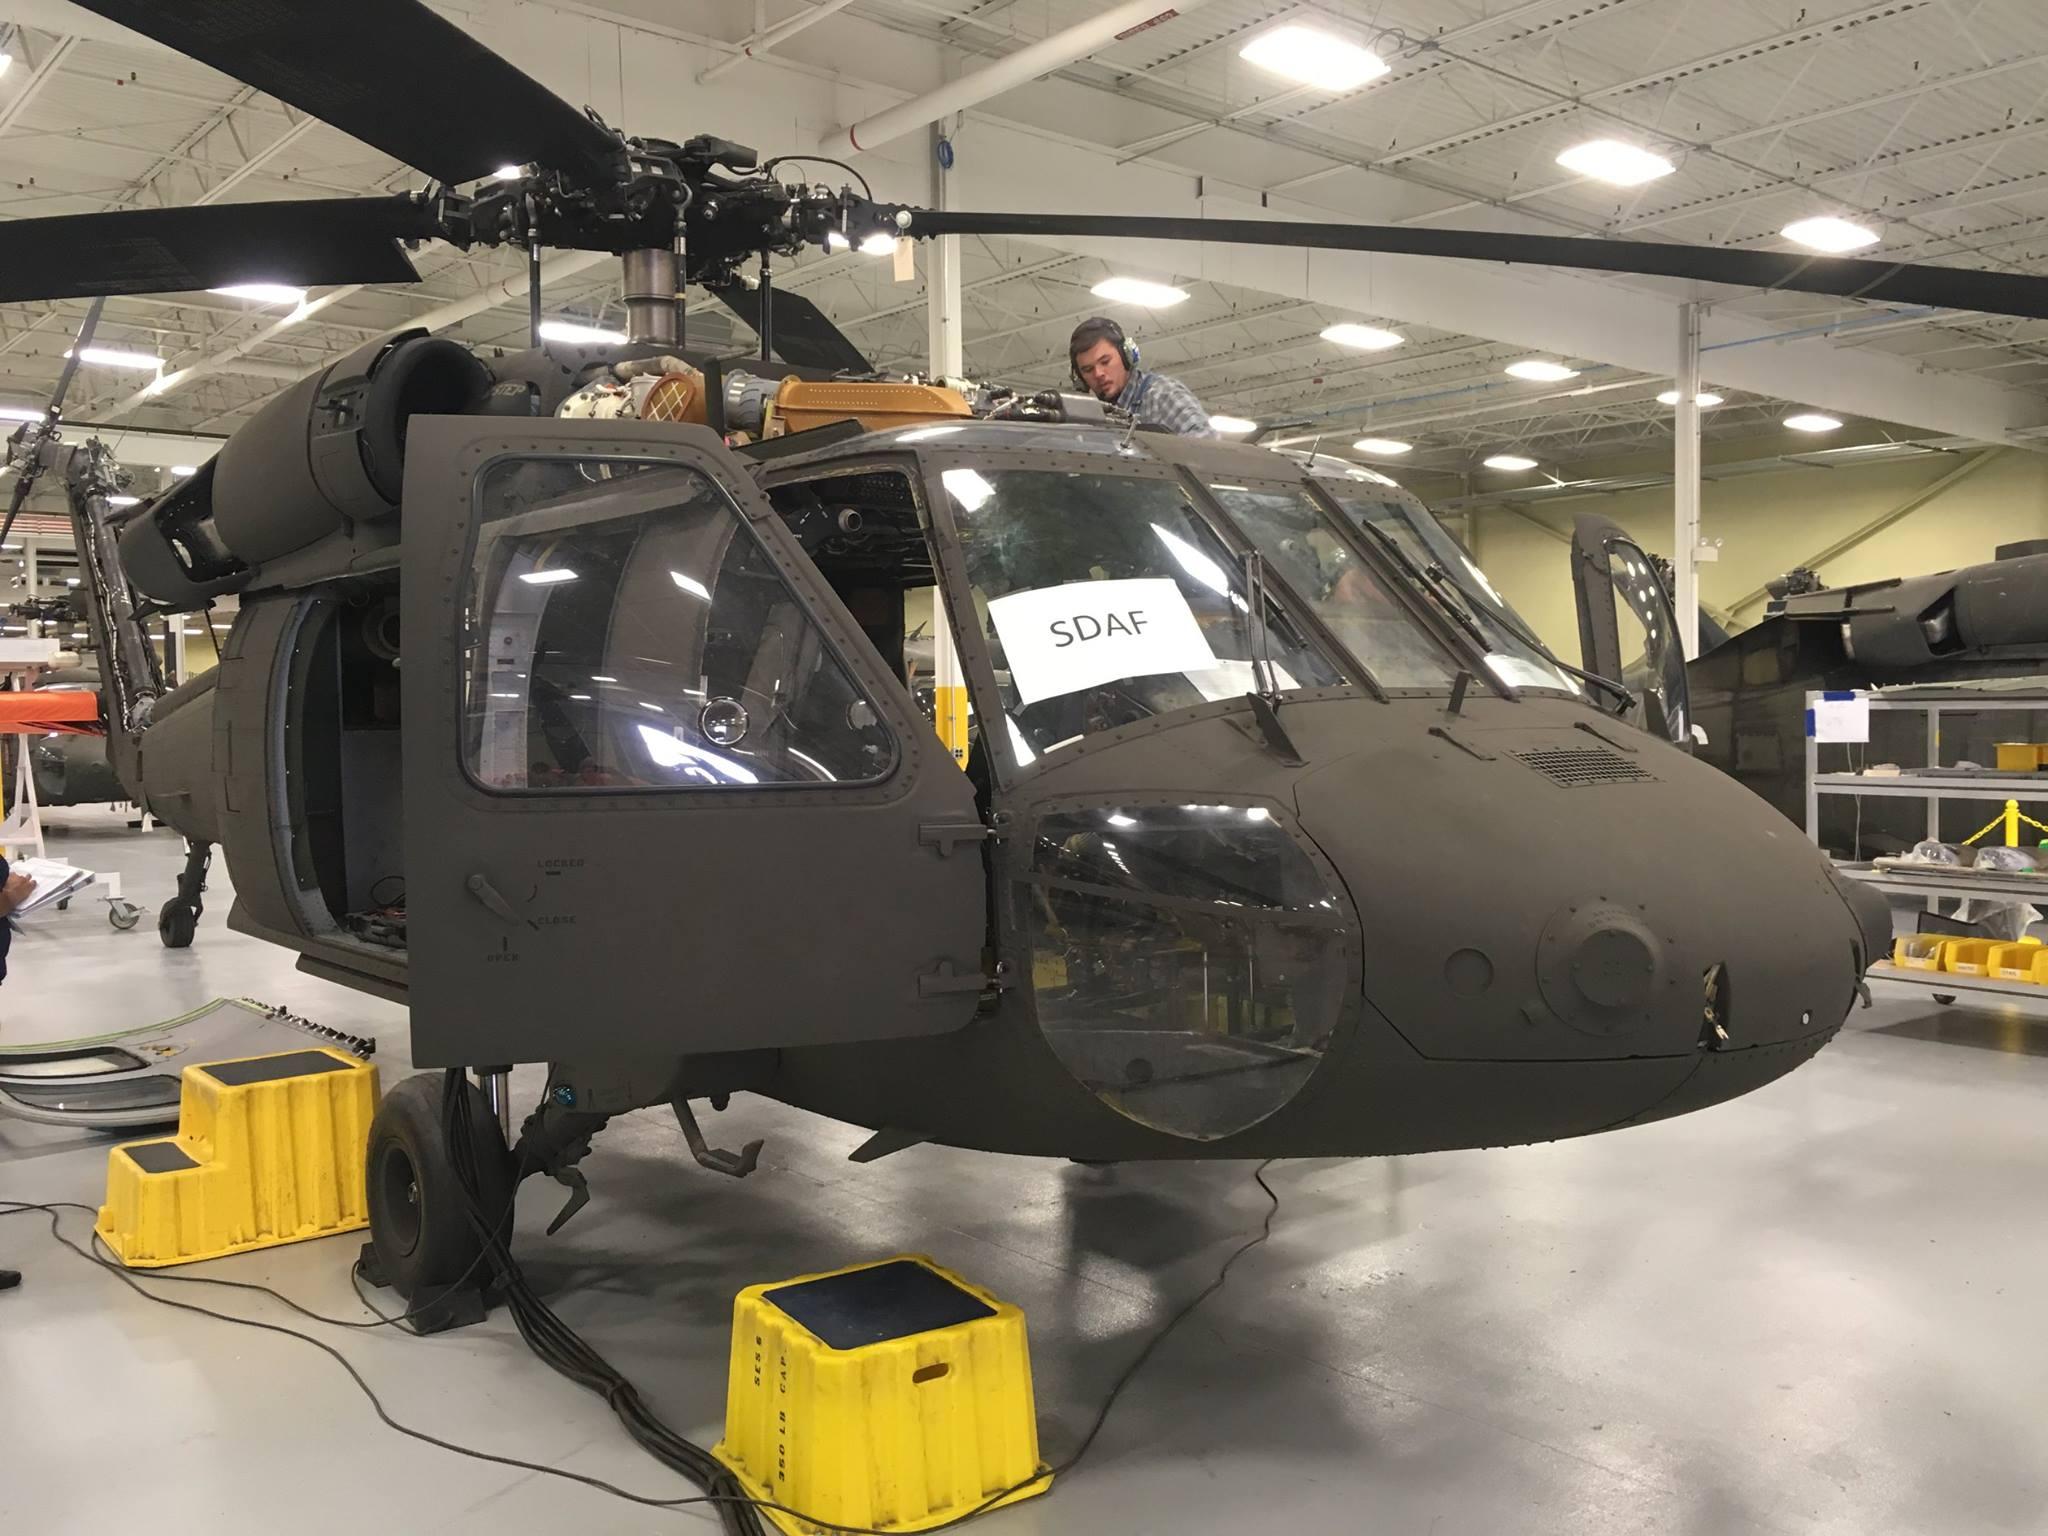 Первый модифицированный американский многоцелевой вертолет Sikorsky UH-60А+ Black Hawk, предназначенный для передачи ВВС Афганистана. 15.08.2017.